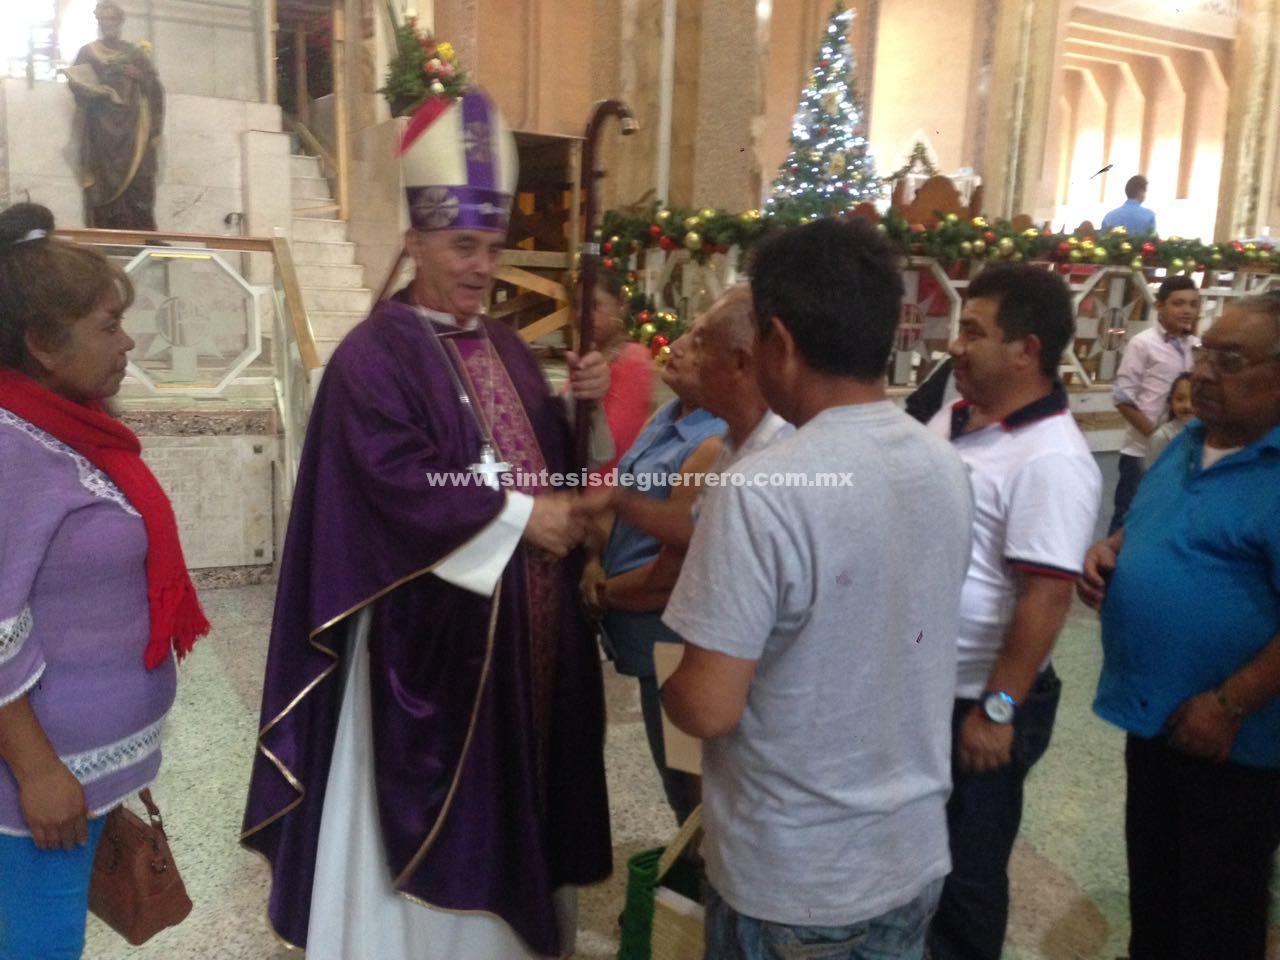 Frenar la violencia, esta navidad; pide Obispo al crimen organizado